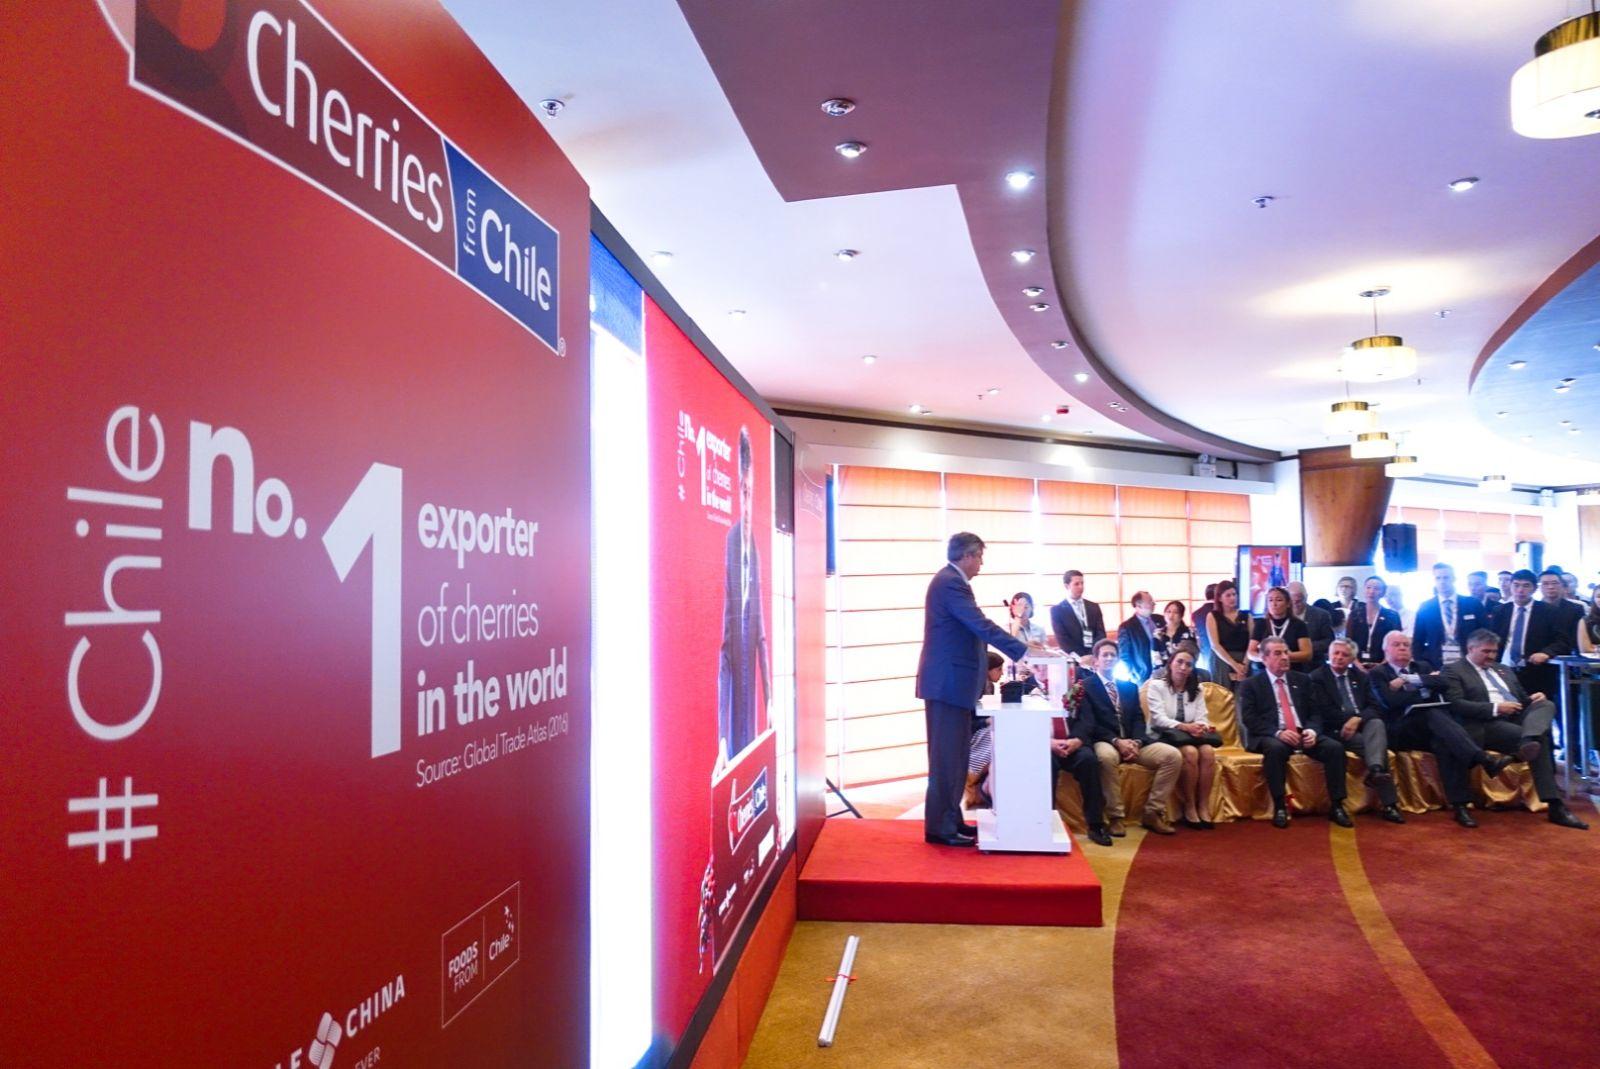 Comienza promoción de cerezas chilenas en China con inversión millonaria